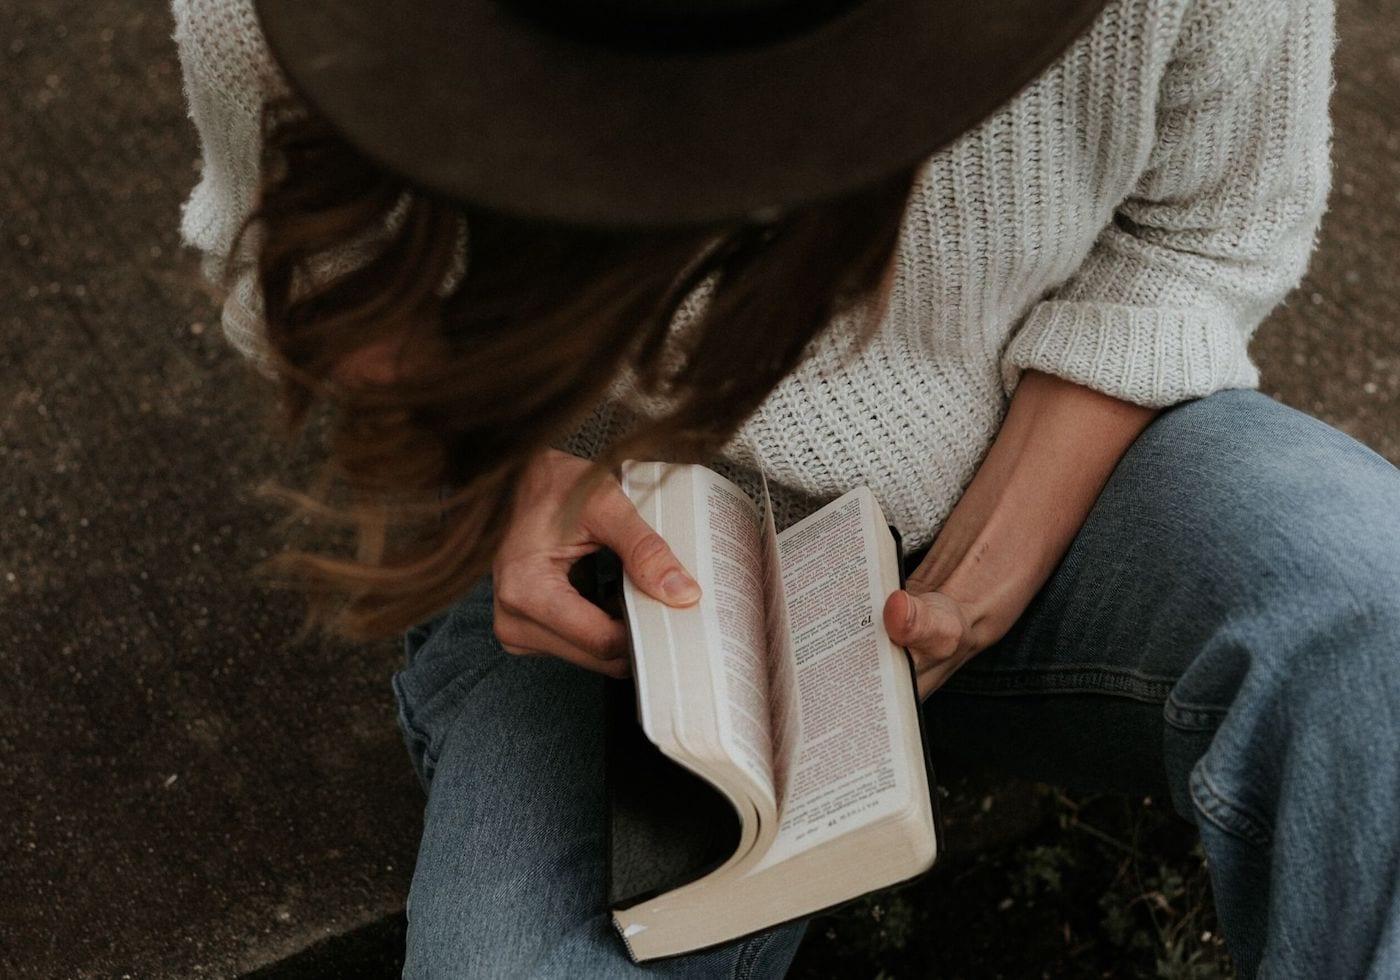 Frau mit Buch zum Thema Lebensvision finden